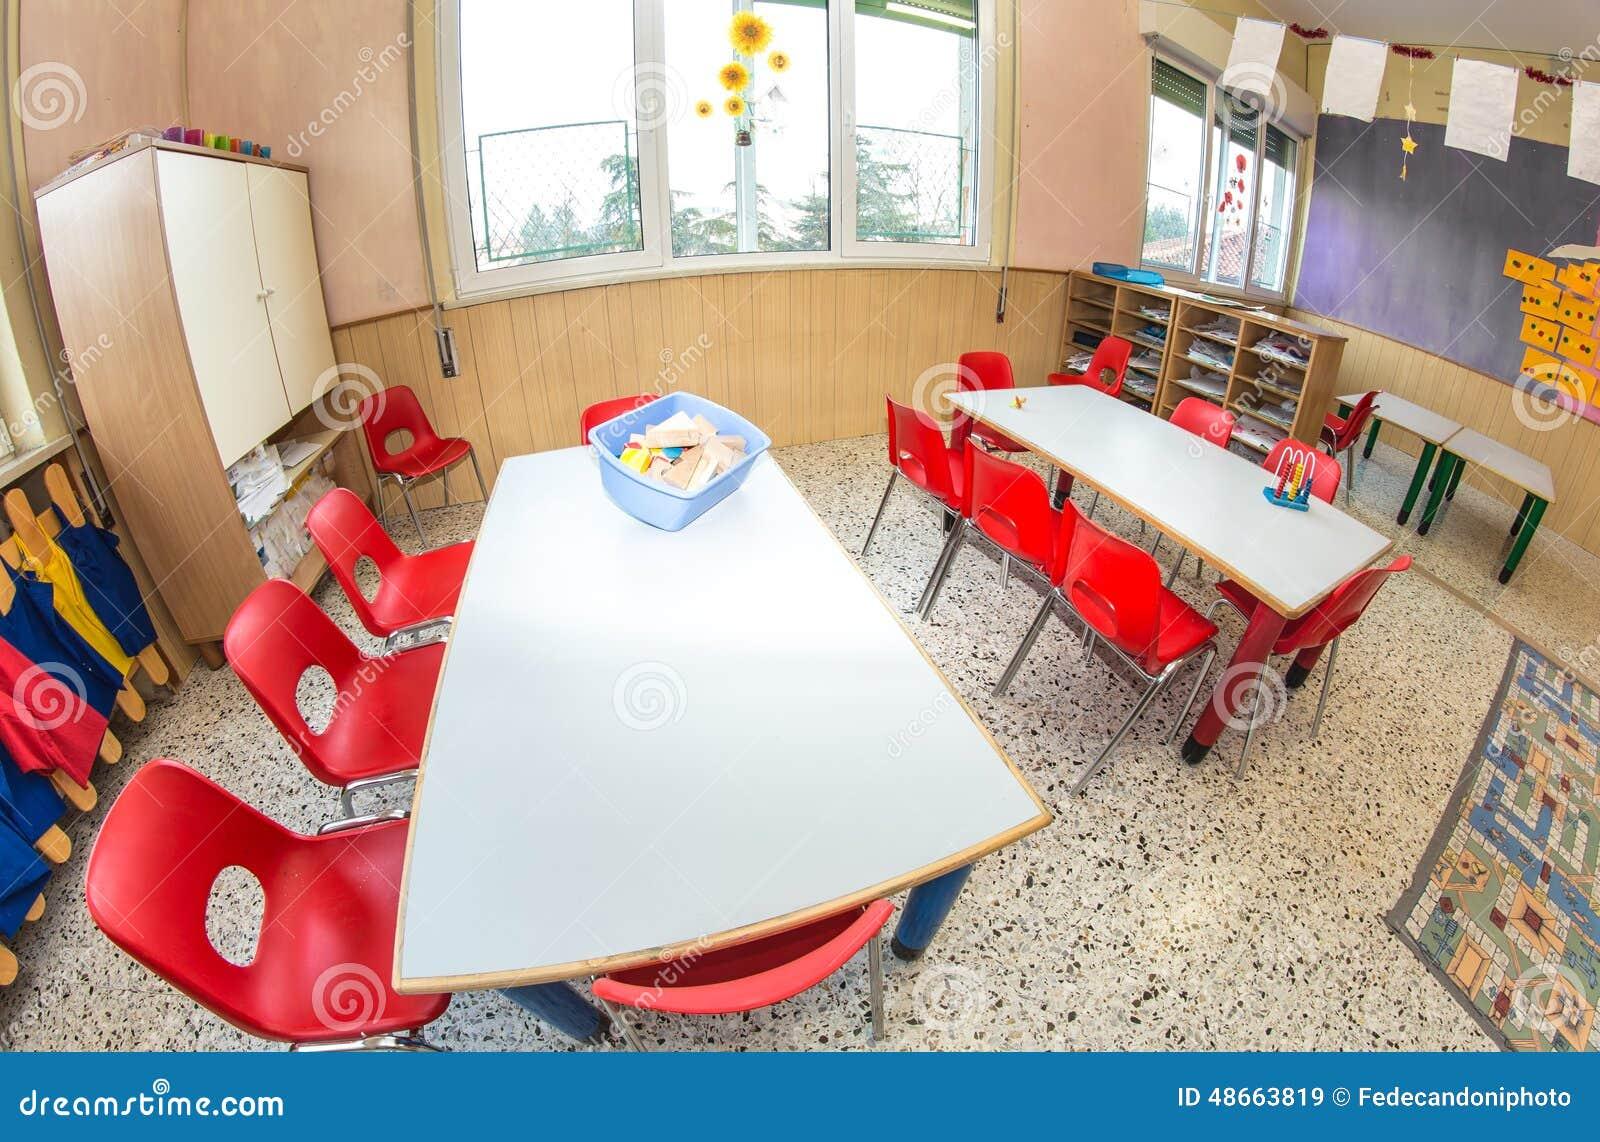 Klaslokaalkinderdagverblijf met rode stoelen en bureaus voor kinderen stock afbeelding - Bureau kinderen ...